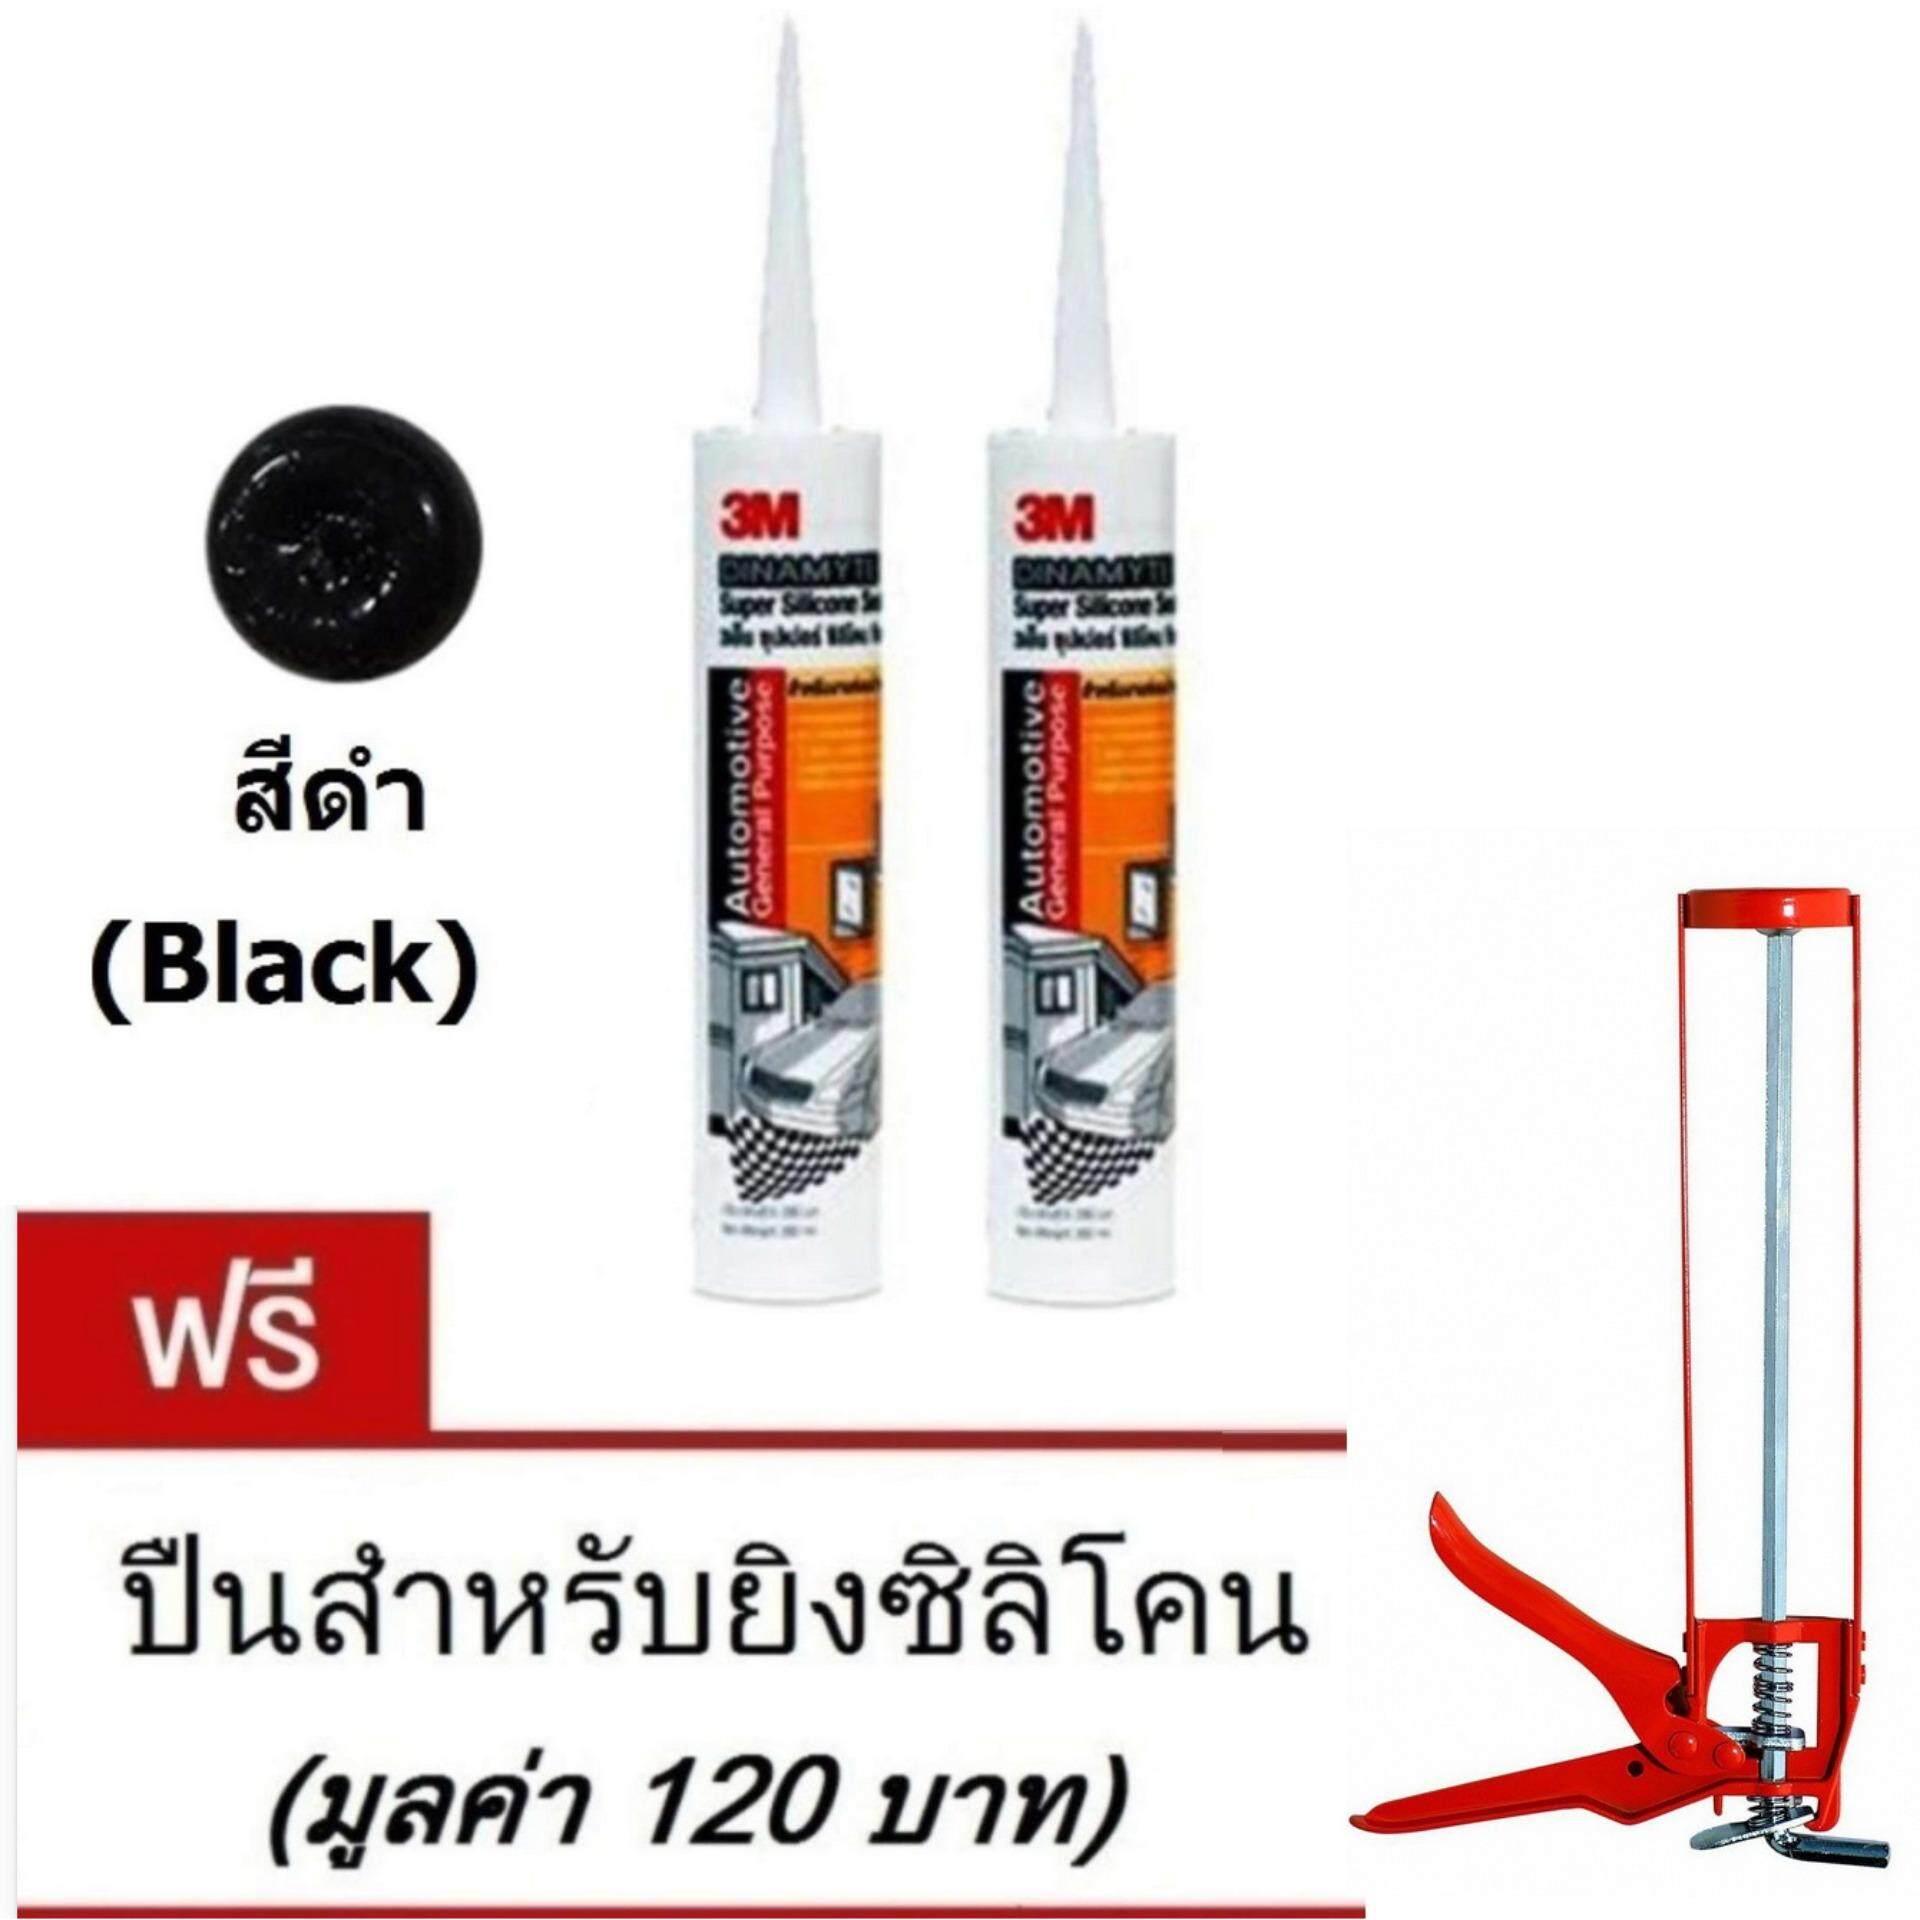 กาวซิลิโคน สีดำ (x2หลอด) 3m Black Dinamyte Silicone Sealant 280ml สำหรับภายในและ ภายนอก รถ บ้าน กระจก ไฟเบอร์ ไม้ พลาสติก กระเบื้อง และวัสดุทั่วไป By Intech Premier.